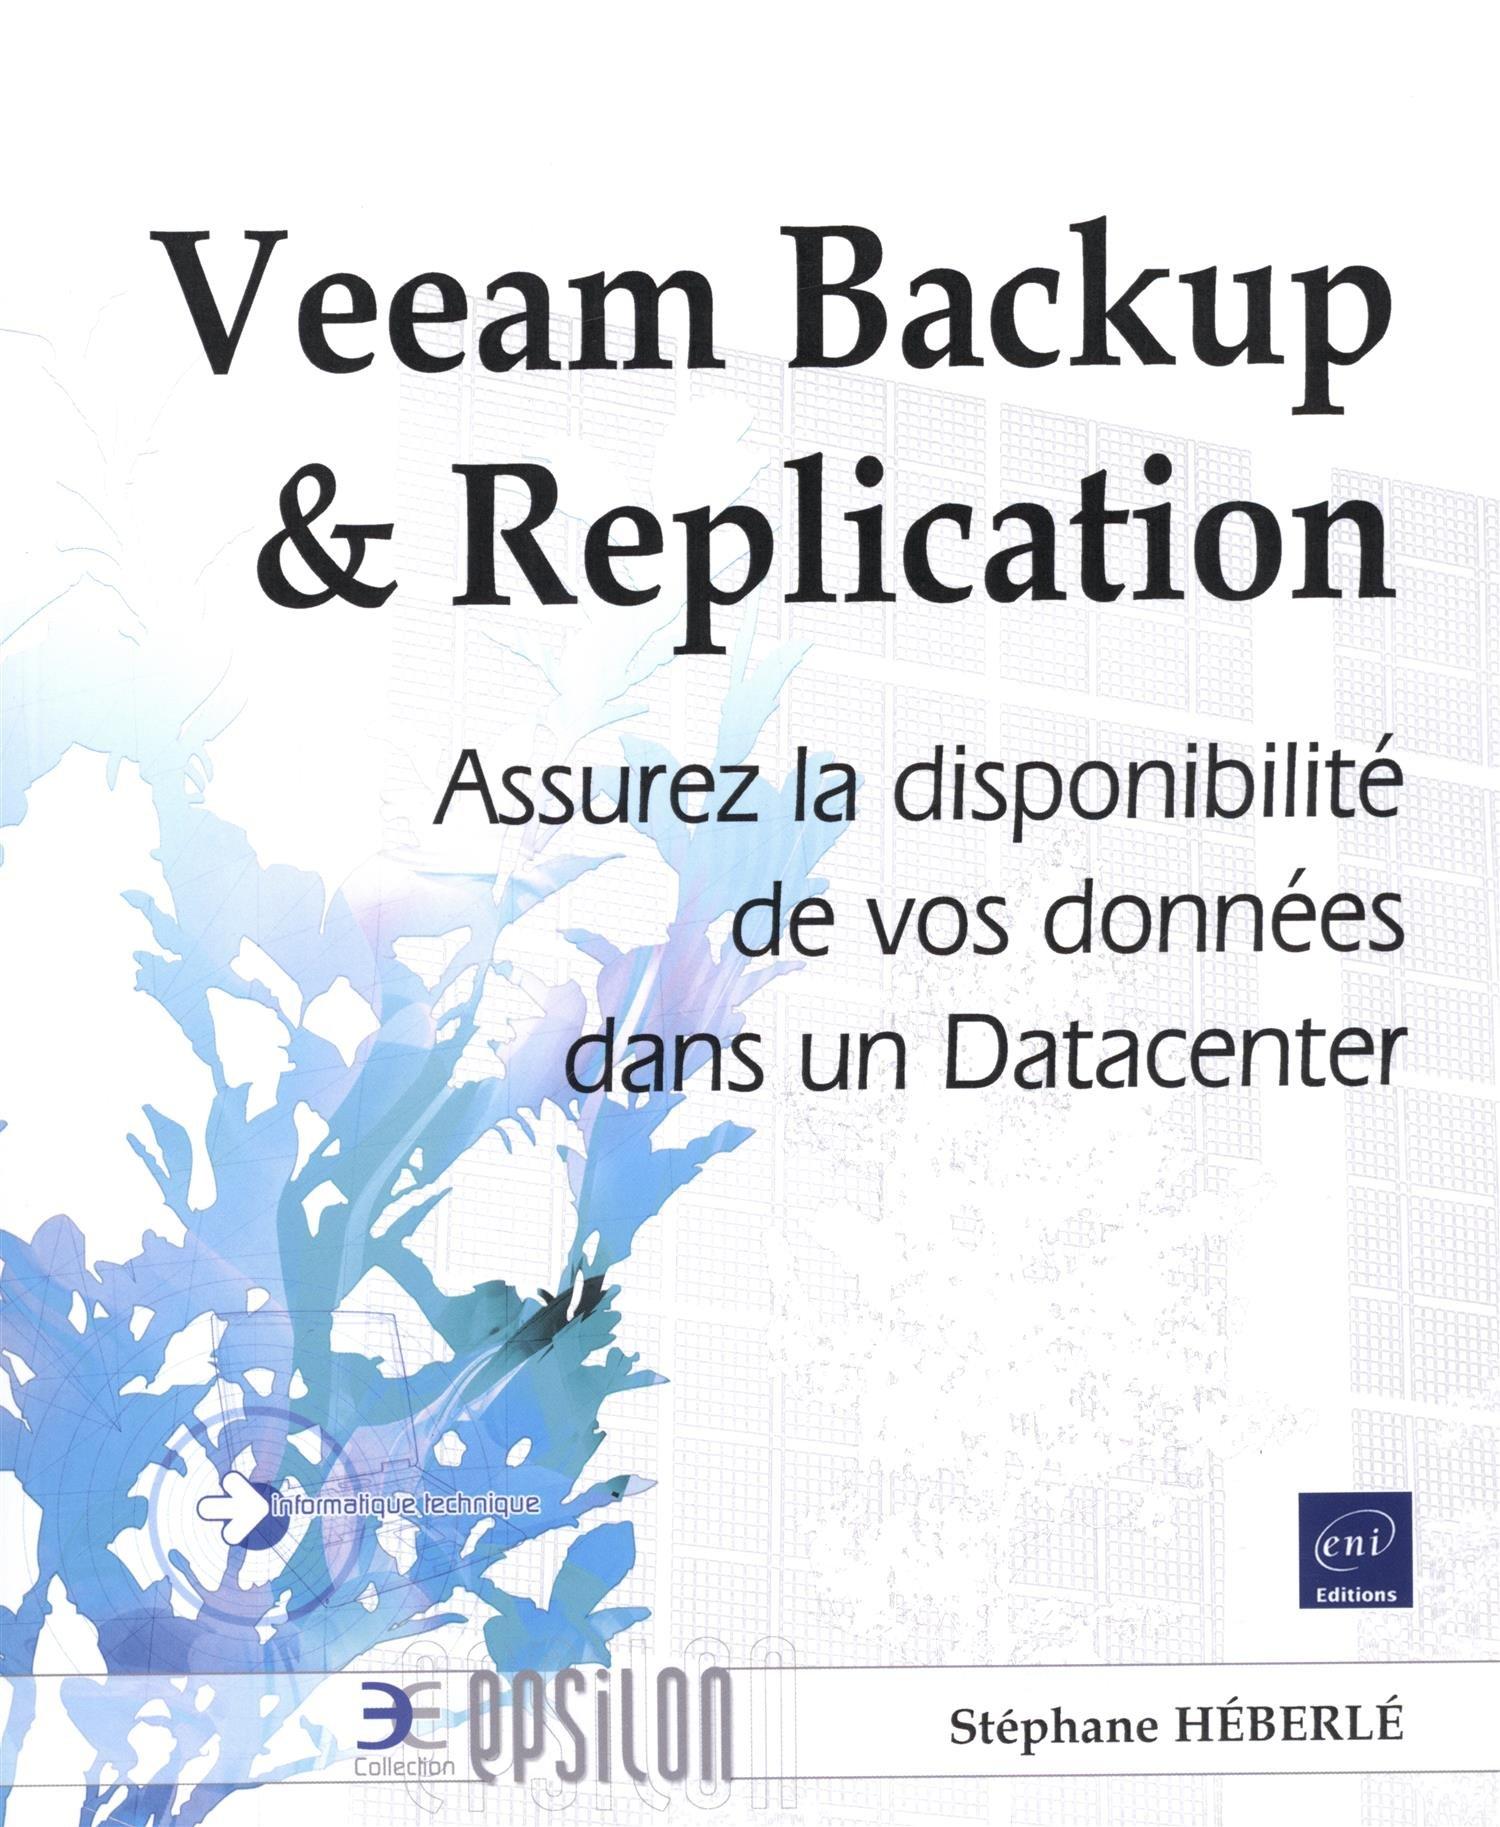 Veeam Backup & Replication - Assurez la disponibilité de vos données dans un Datacenter Broché – 9 septembre 2015 Stéphane HÉBERLÉ Editions ENI 2746097109 Informatique